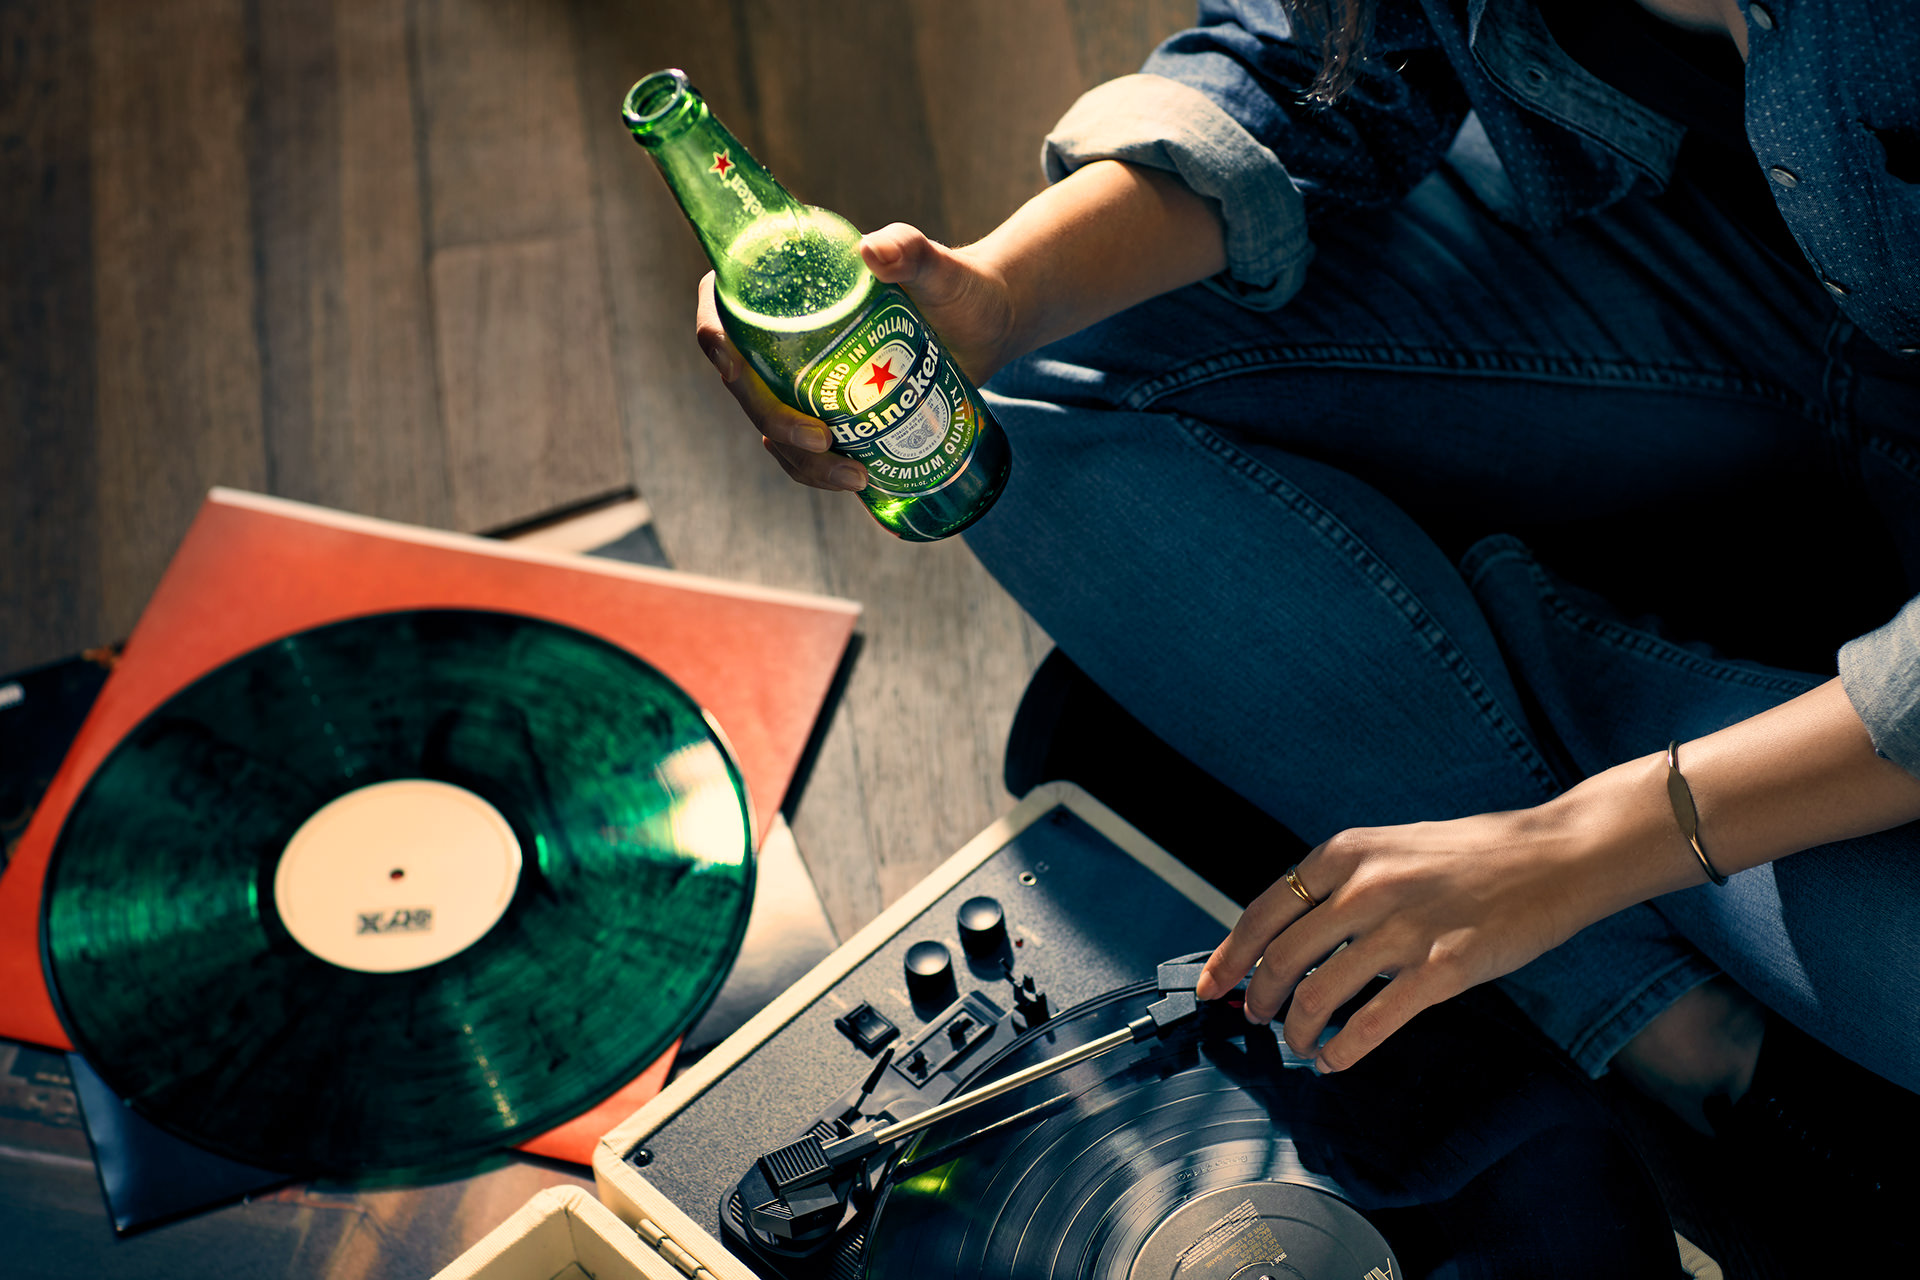 beer-bottle-music-relax-heineken